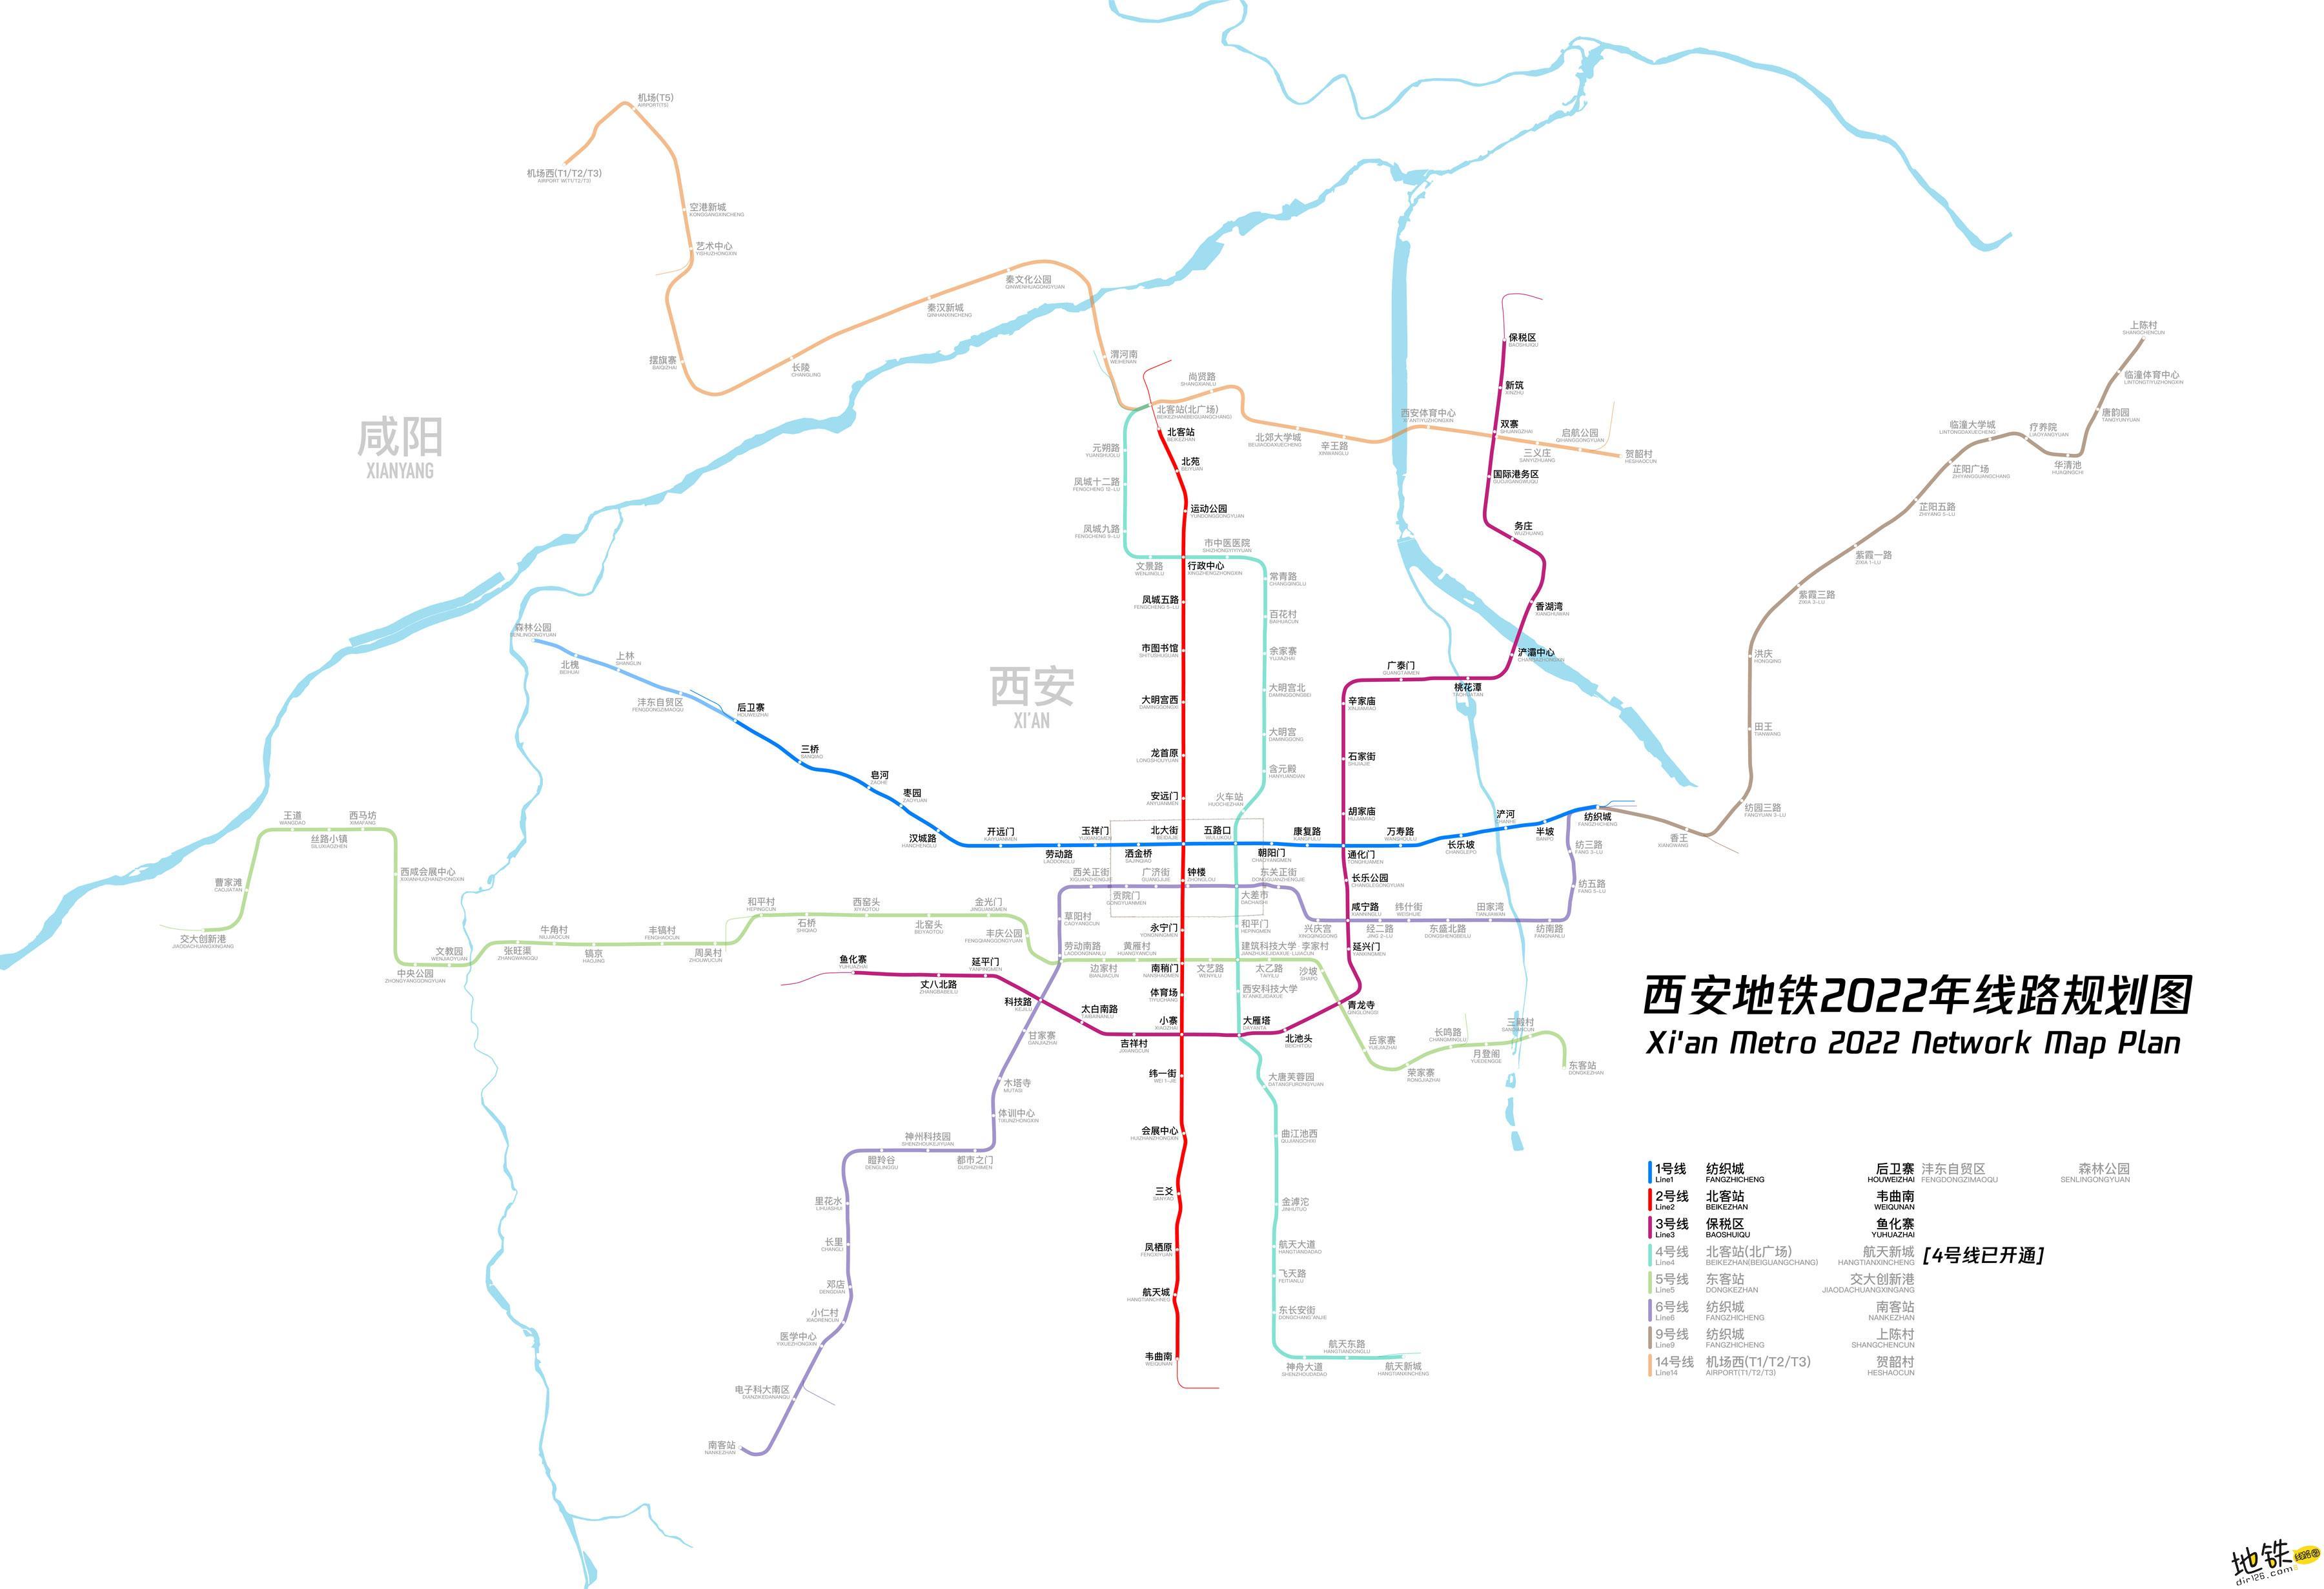 西安地铁线路图 运营时间票价站点 查询下载 西安地铁线路图 西安地铁票价 西安地铁运营时间 西安地铁 西安地铁线路图  第2张